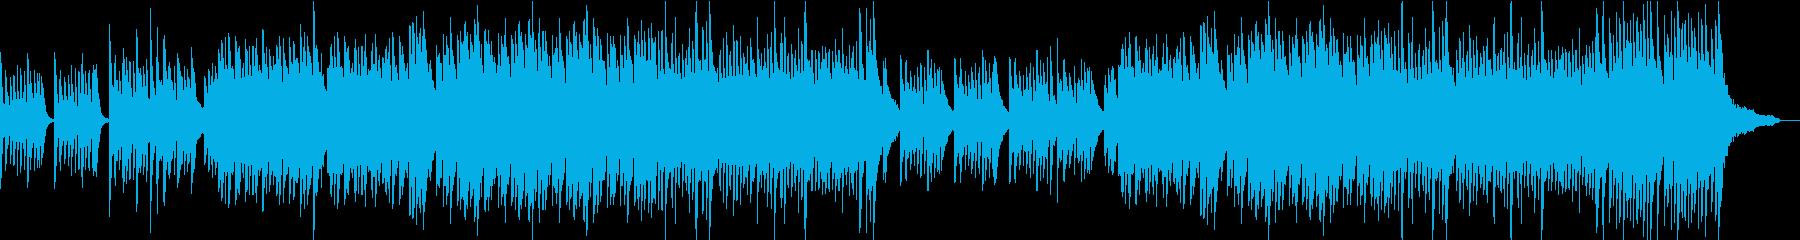 人と人を繋ぐ優しいイメージのピアノ曲の再生済みの波形